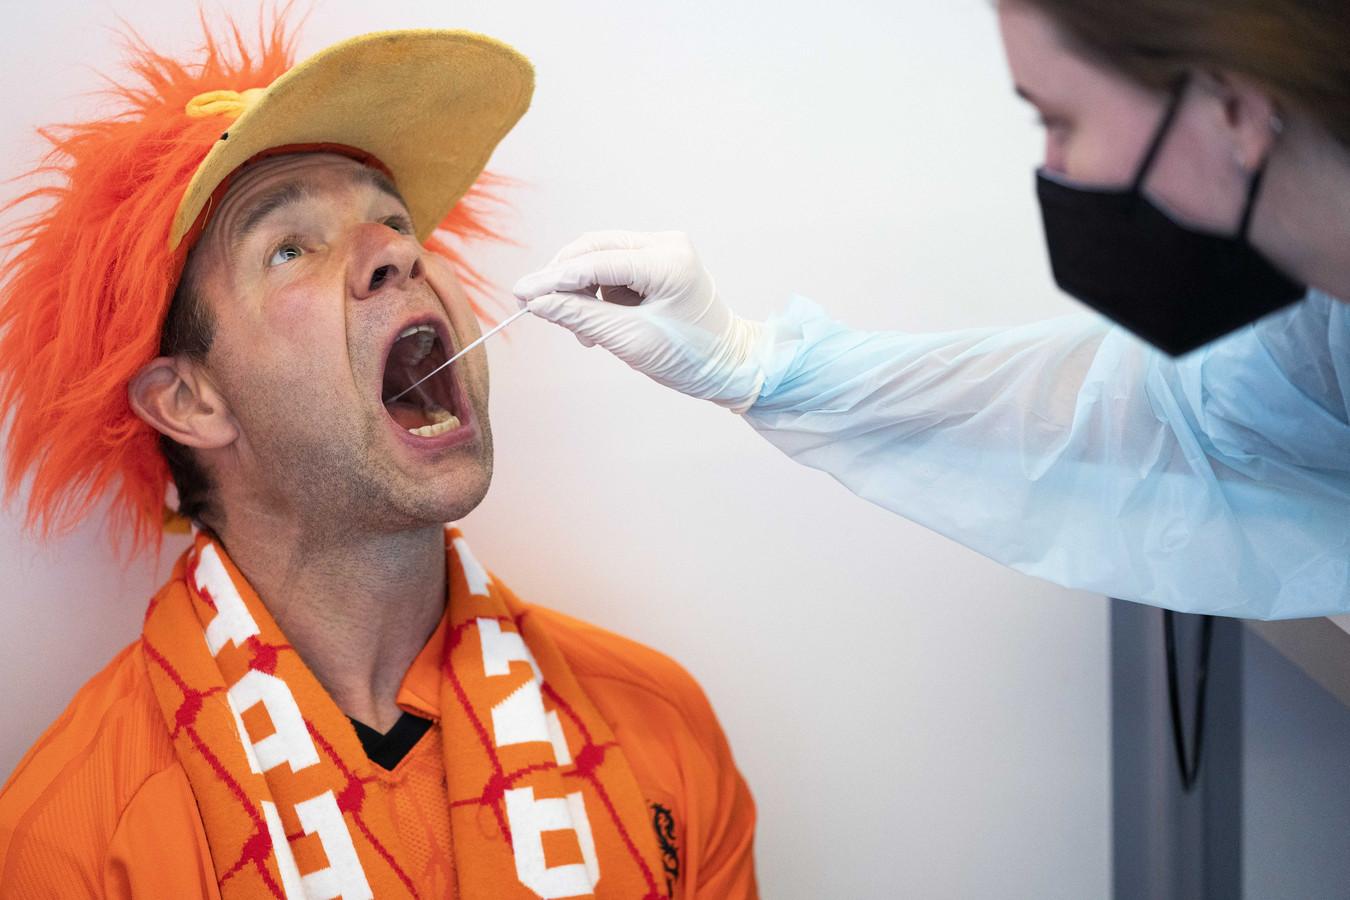 Oranje-fans die wedstrijden van het Nederlands Elftal willen bezoeken moeten zich ook laten testen voor toegang.